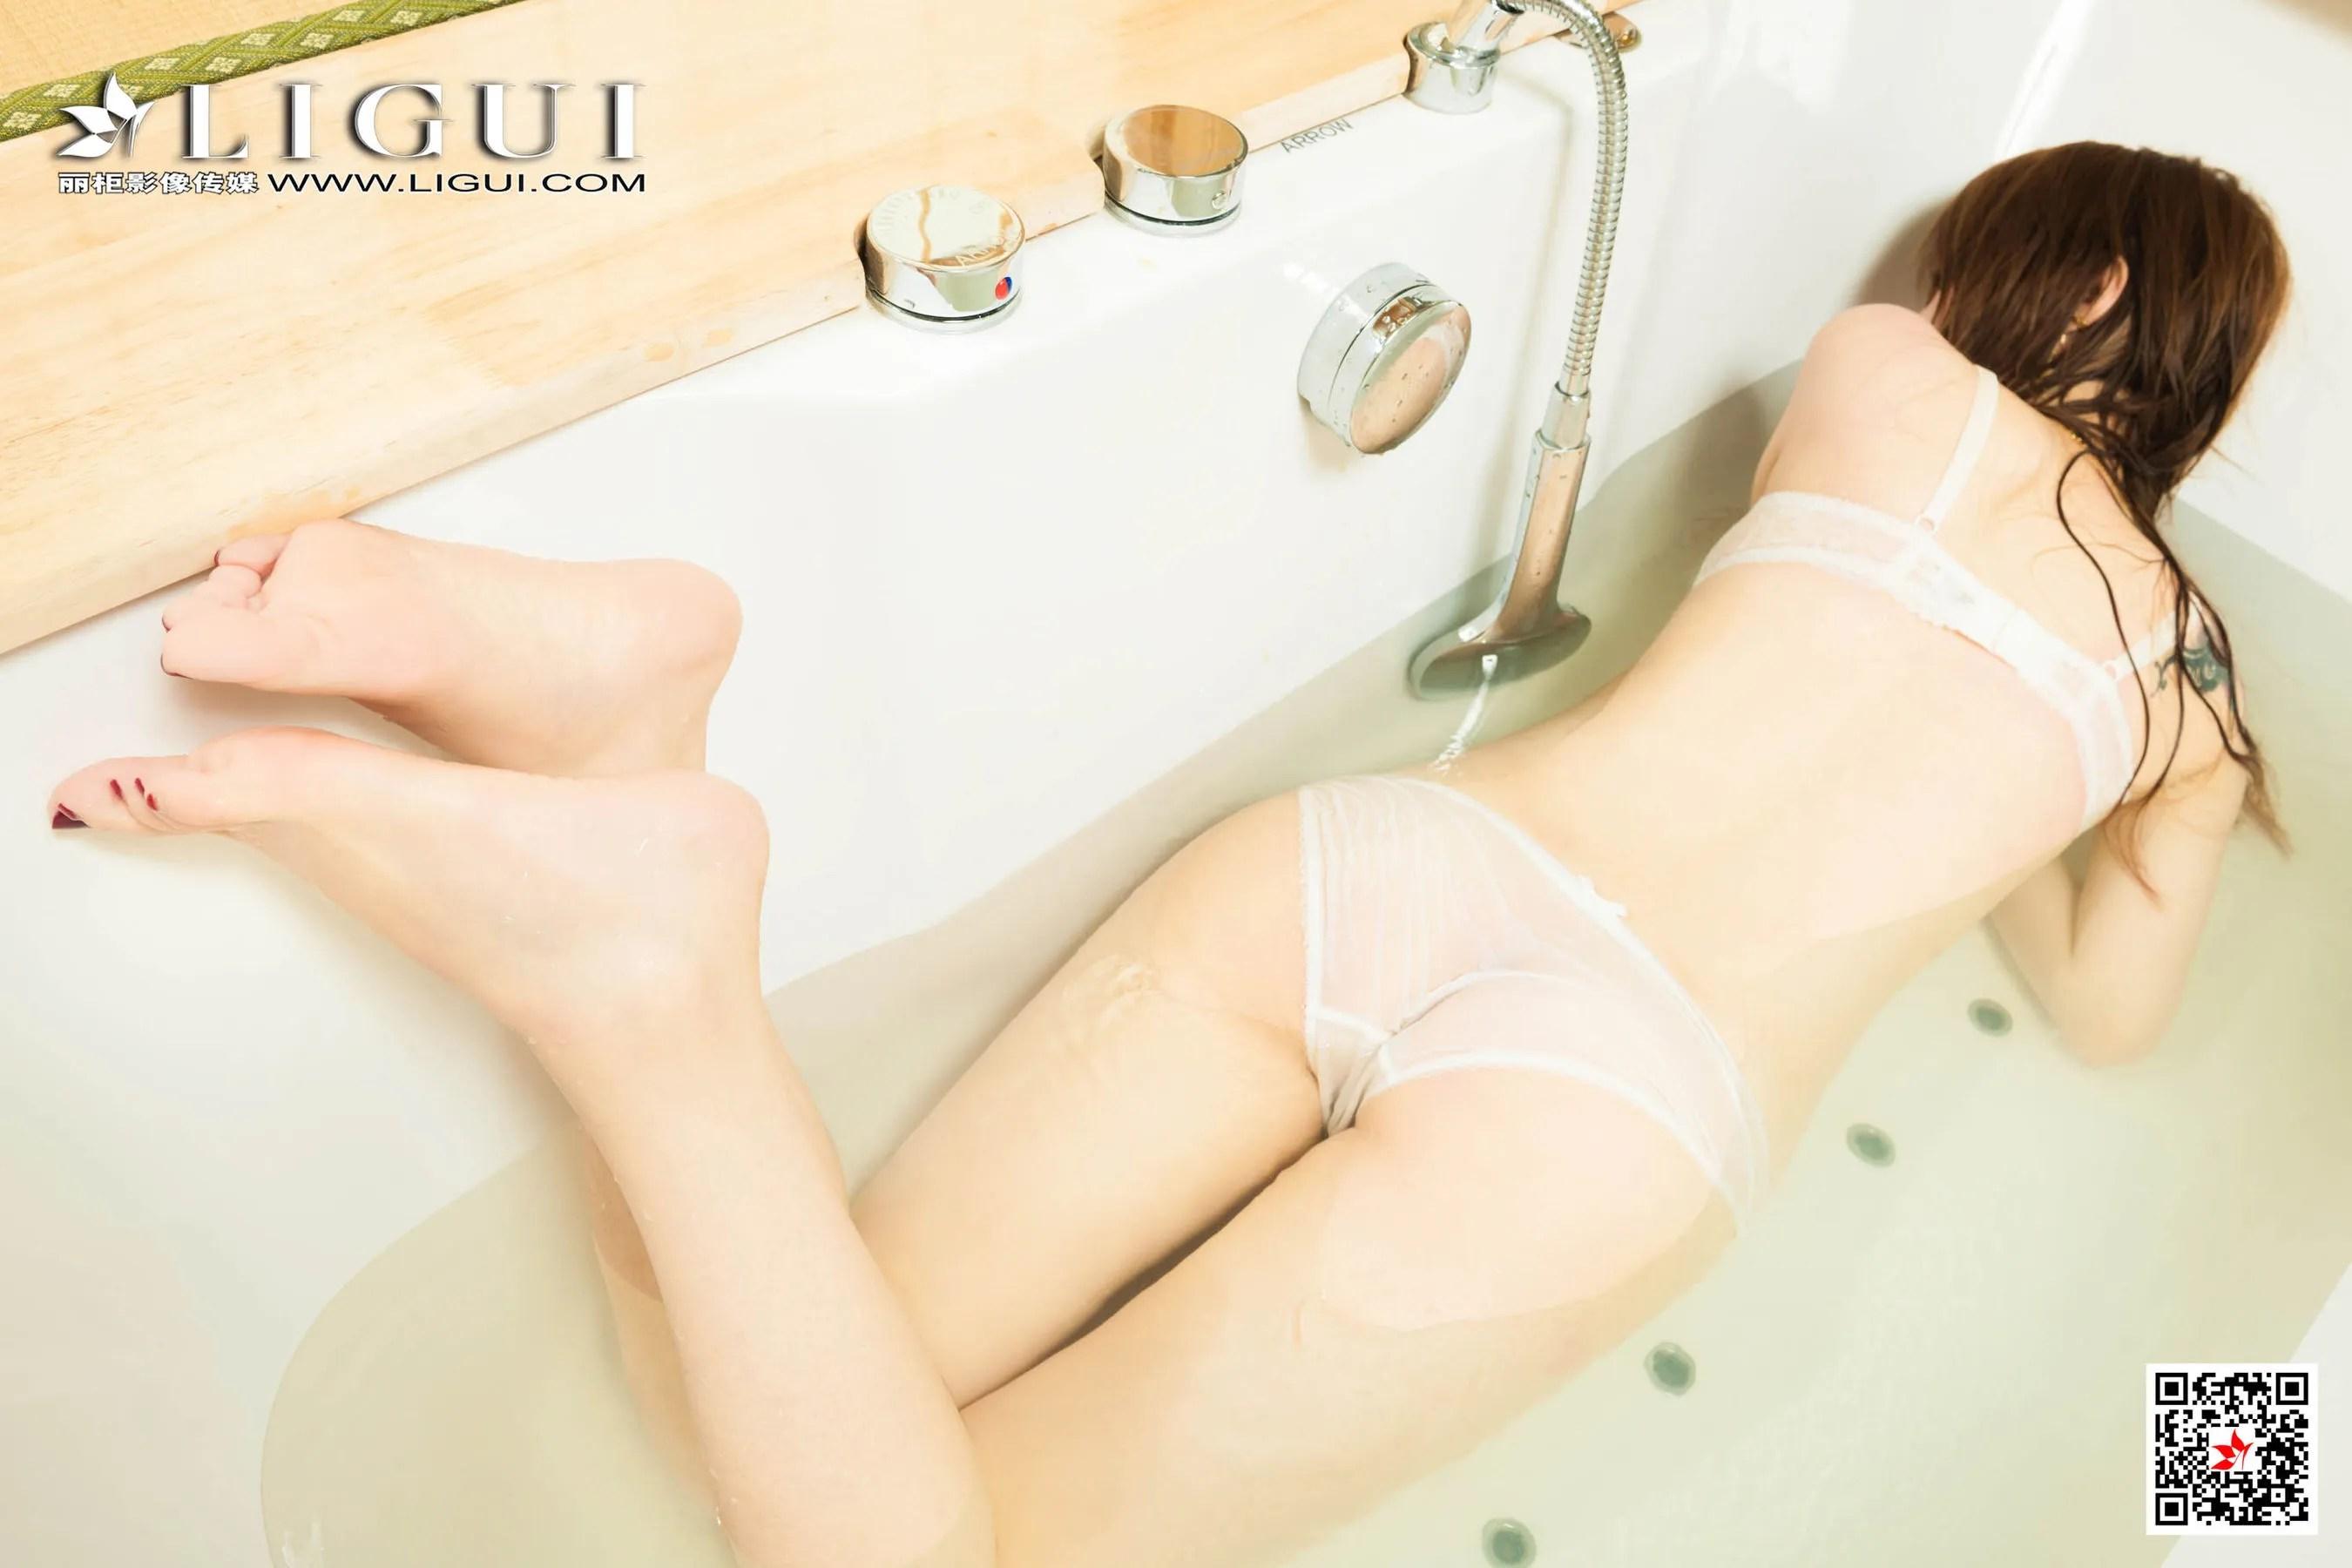 图片[12] - [丽柜Ligui] 天天 - 唯独你没懂